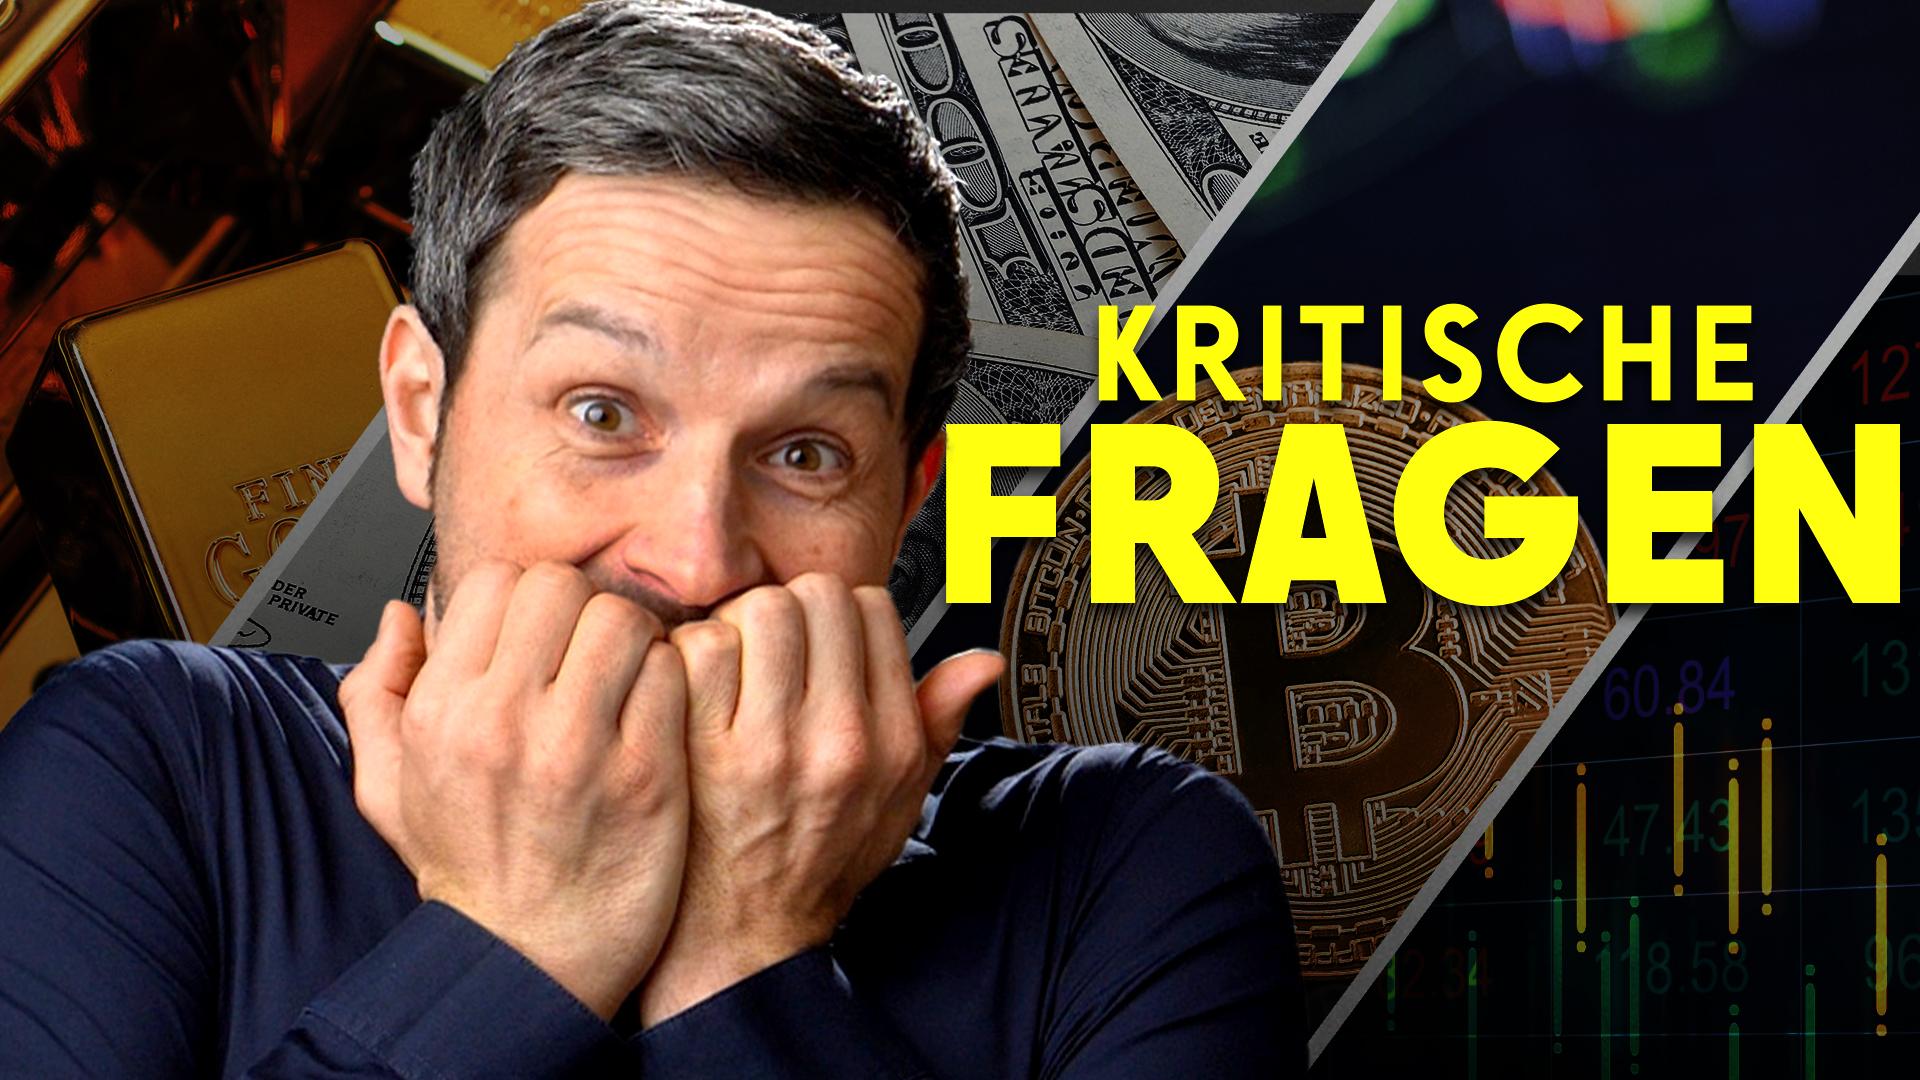 YouTube: Marc Friedrich auf dem PRÜFSTAND! (Streitgespräch zu Bitcoin, Politik, Geld)